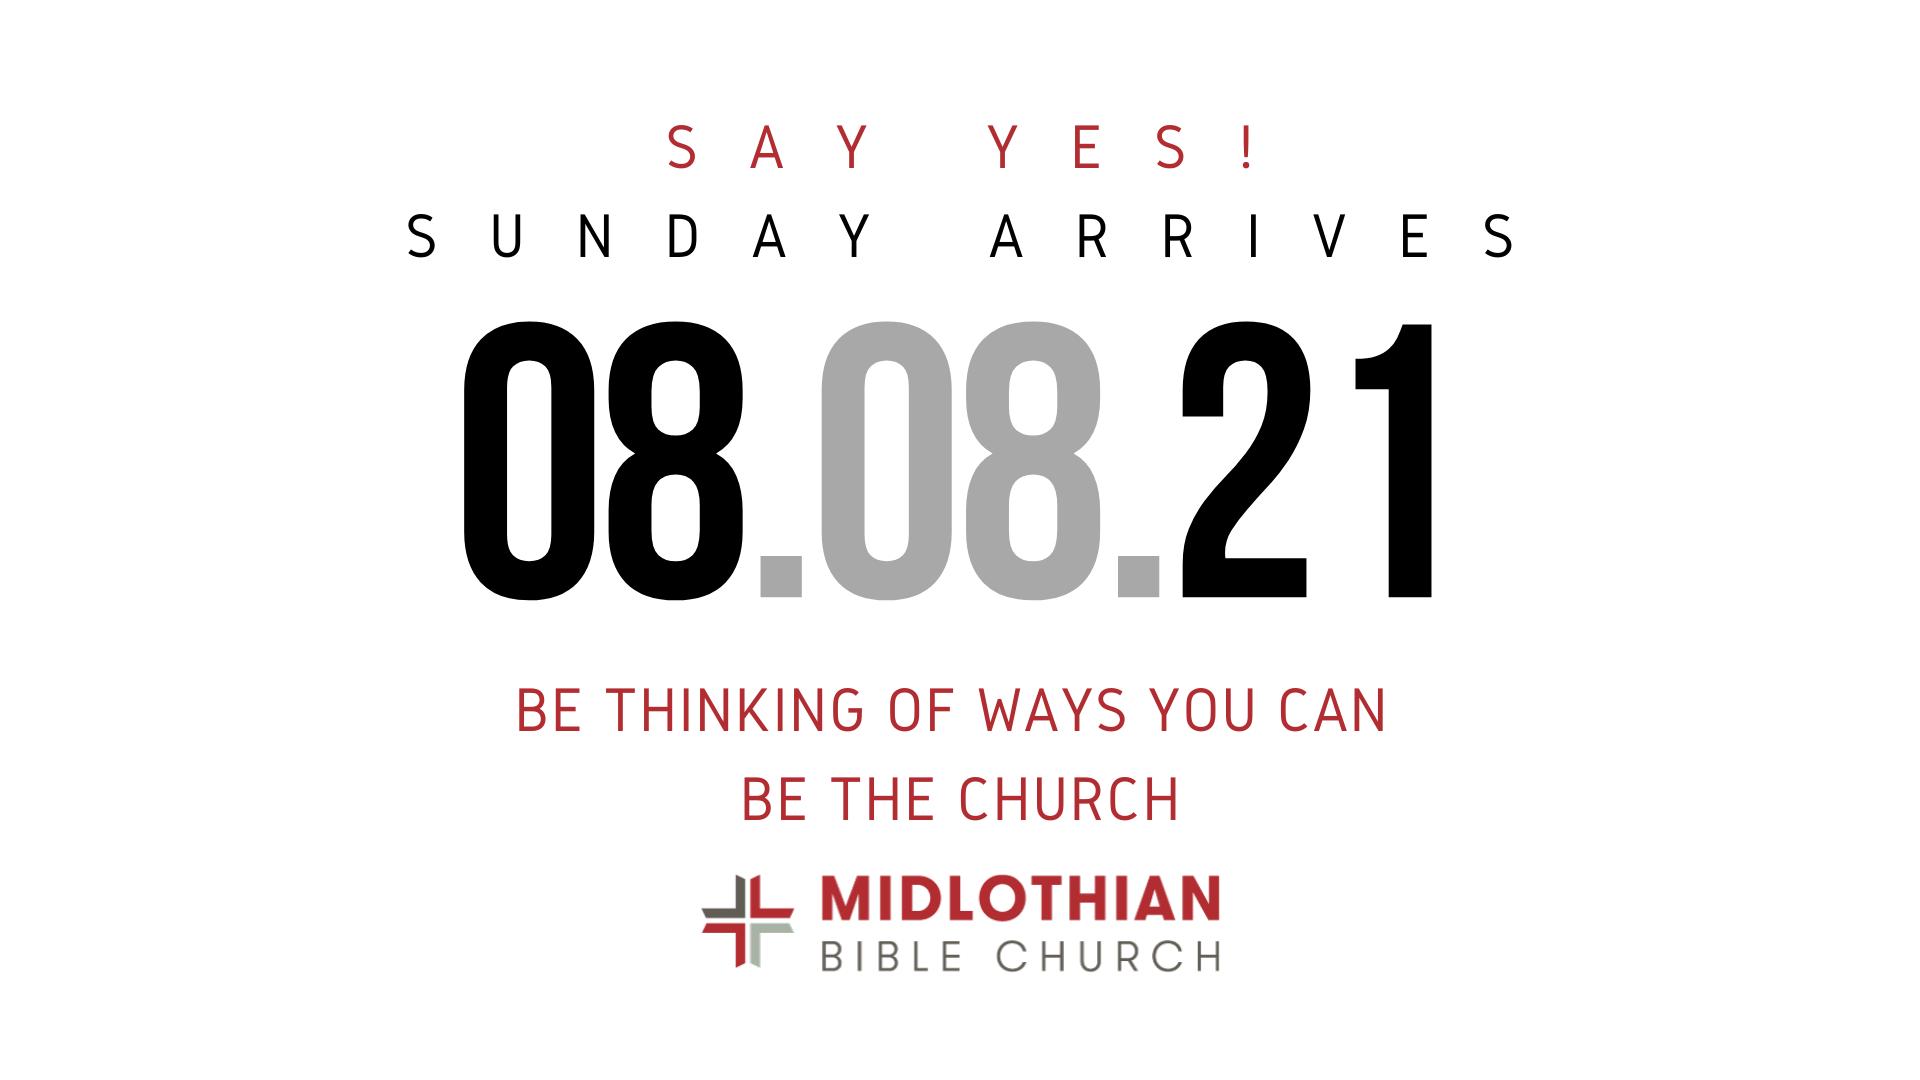 BSA-Say Yes! Sunday 2021